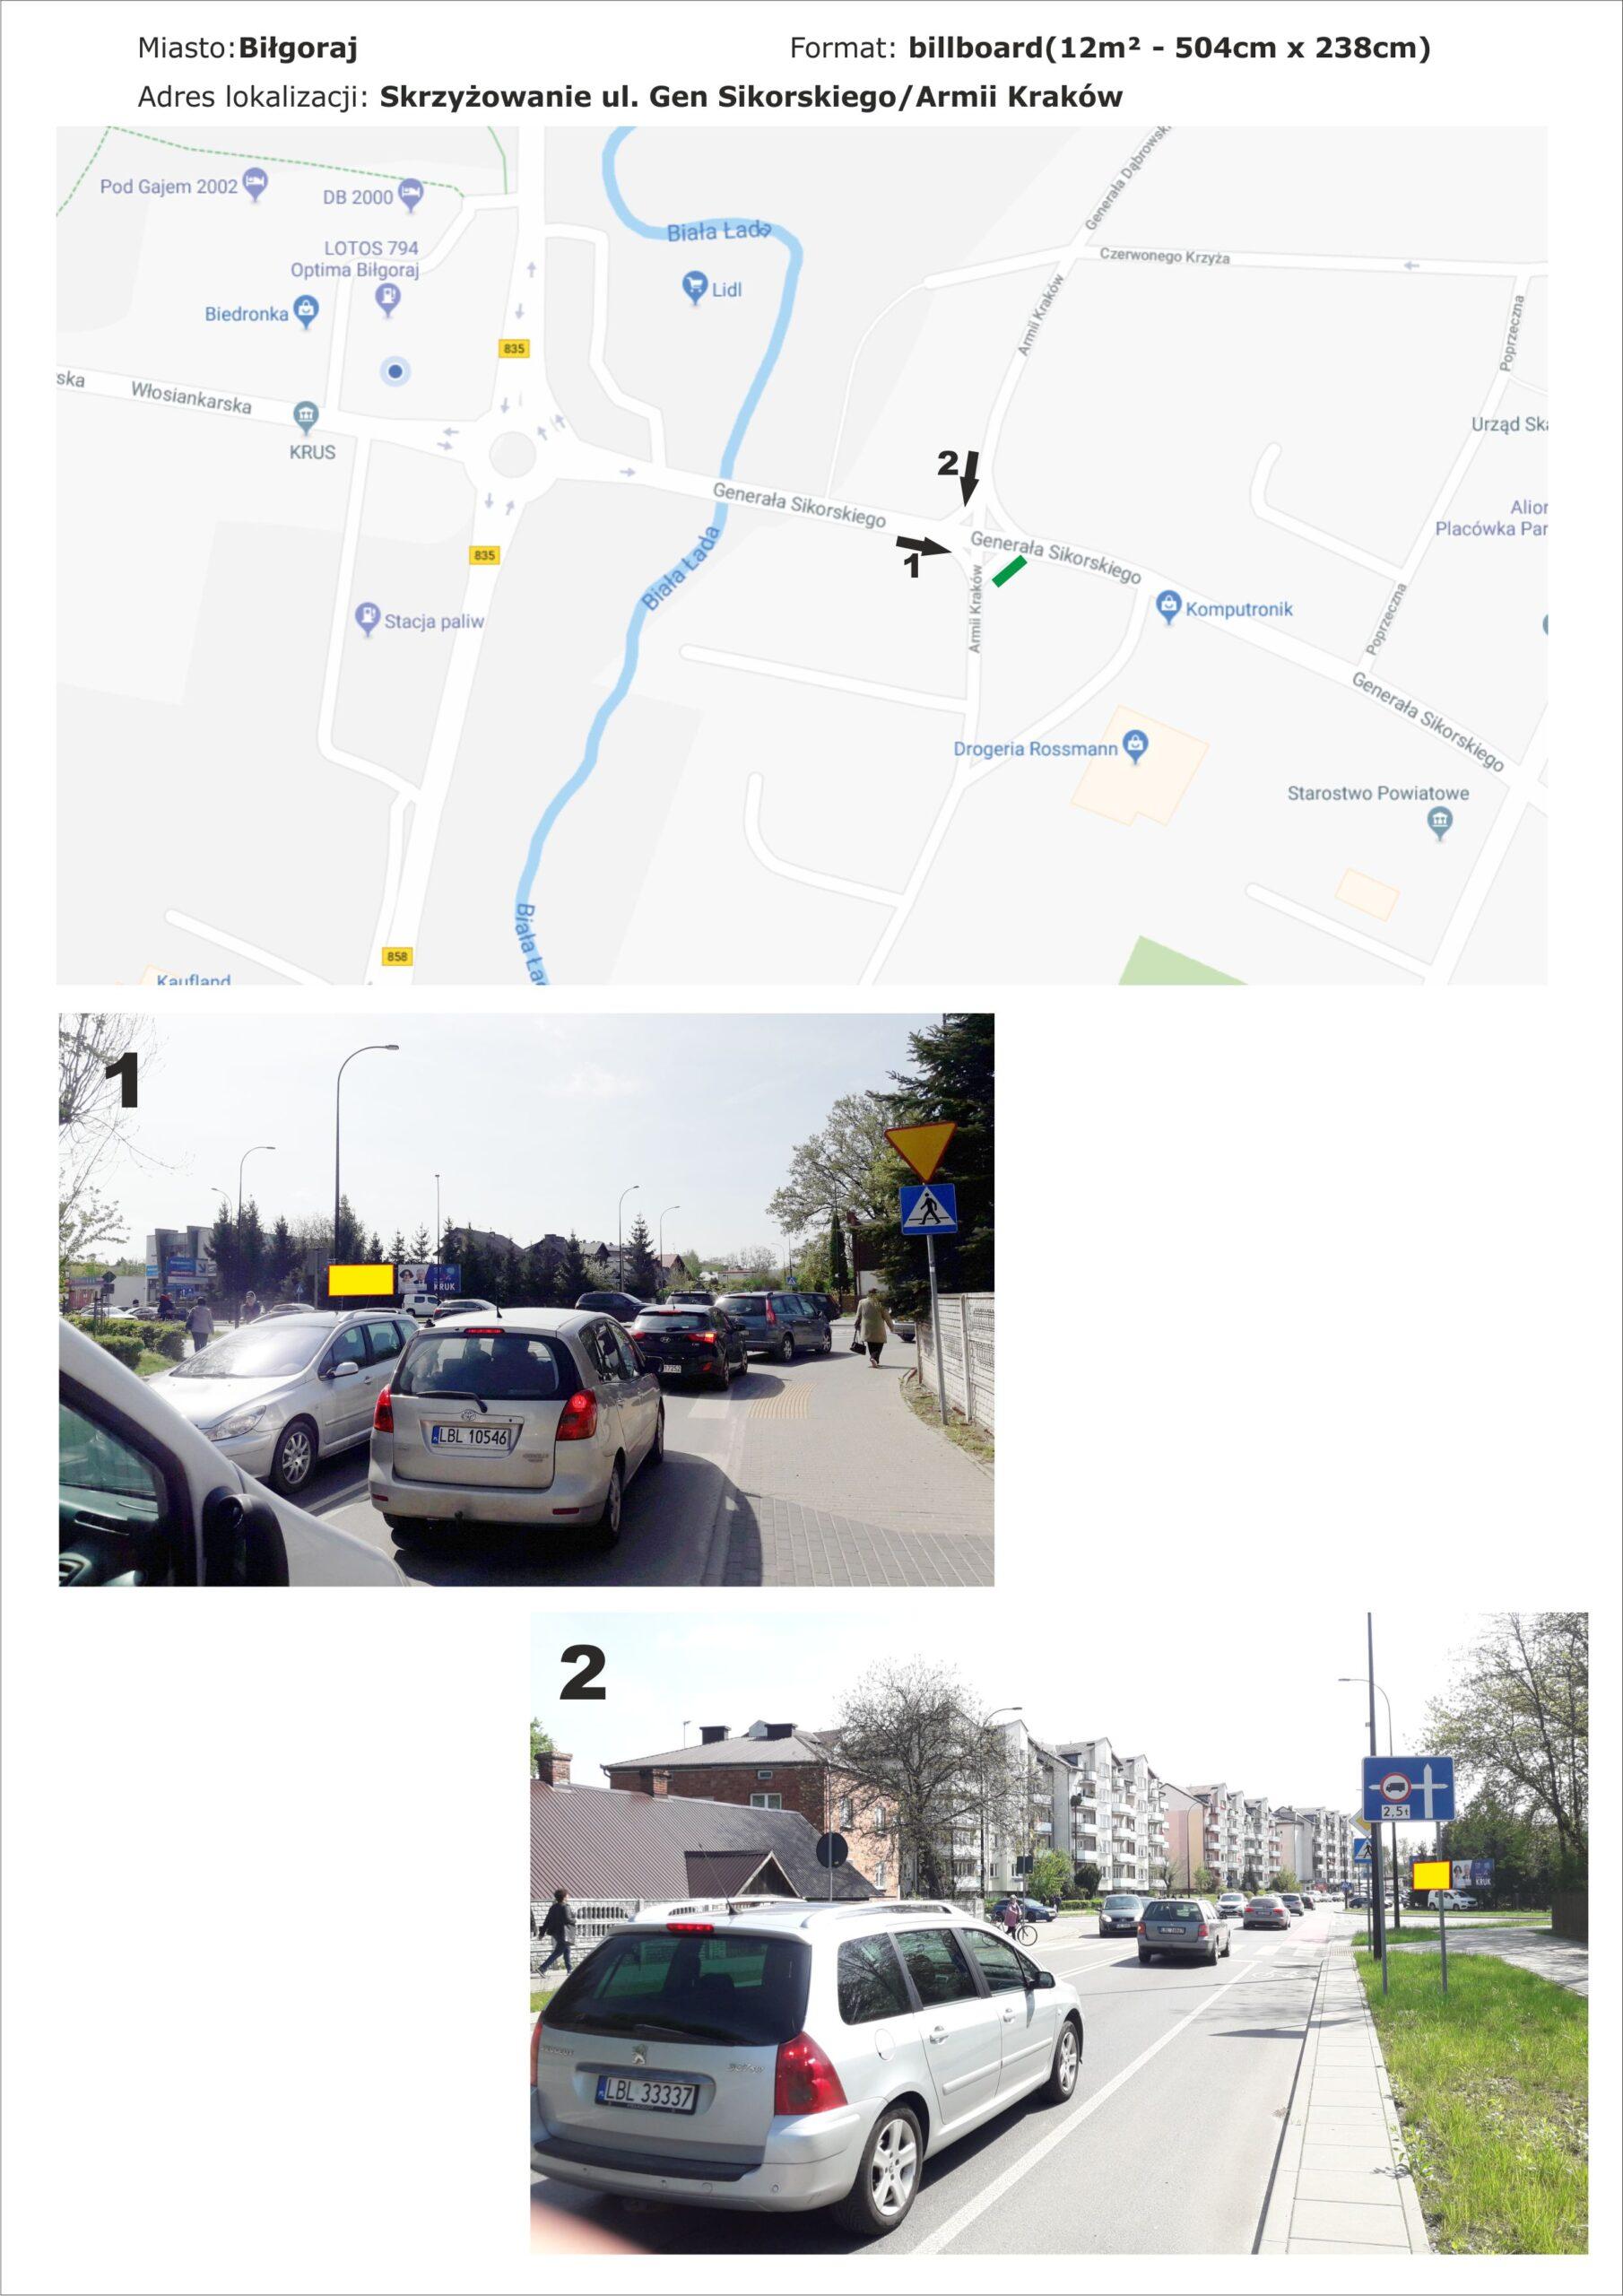 T-REX Drukarnia, agencja reklamy, banery, wizytówki, plakaty, billboardy, oklejanie aut